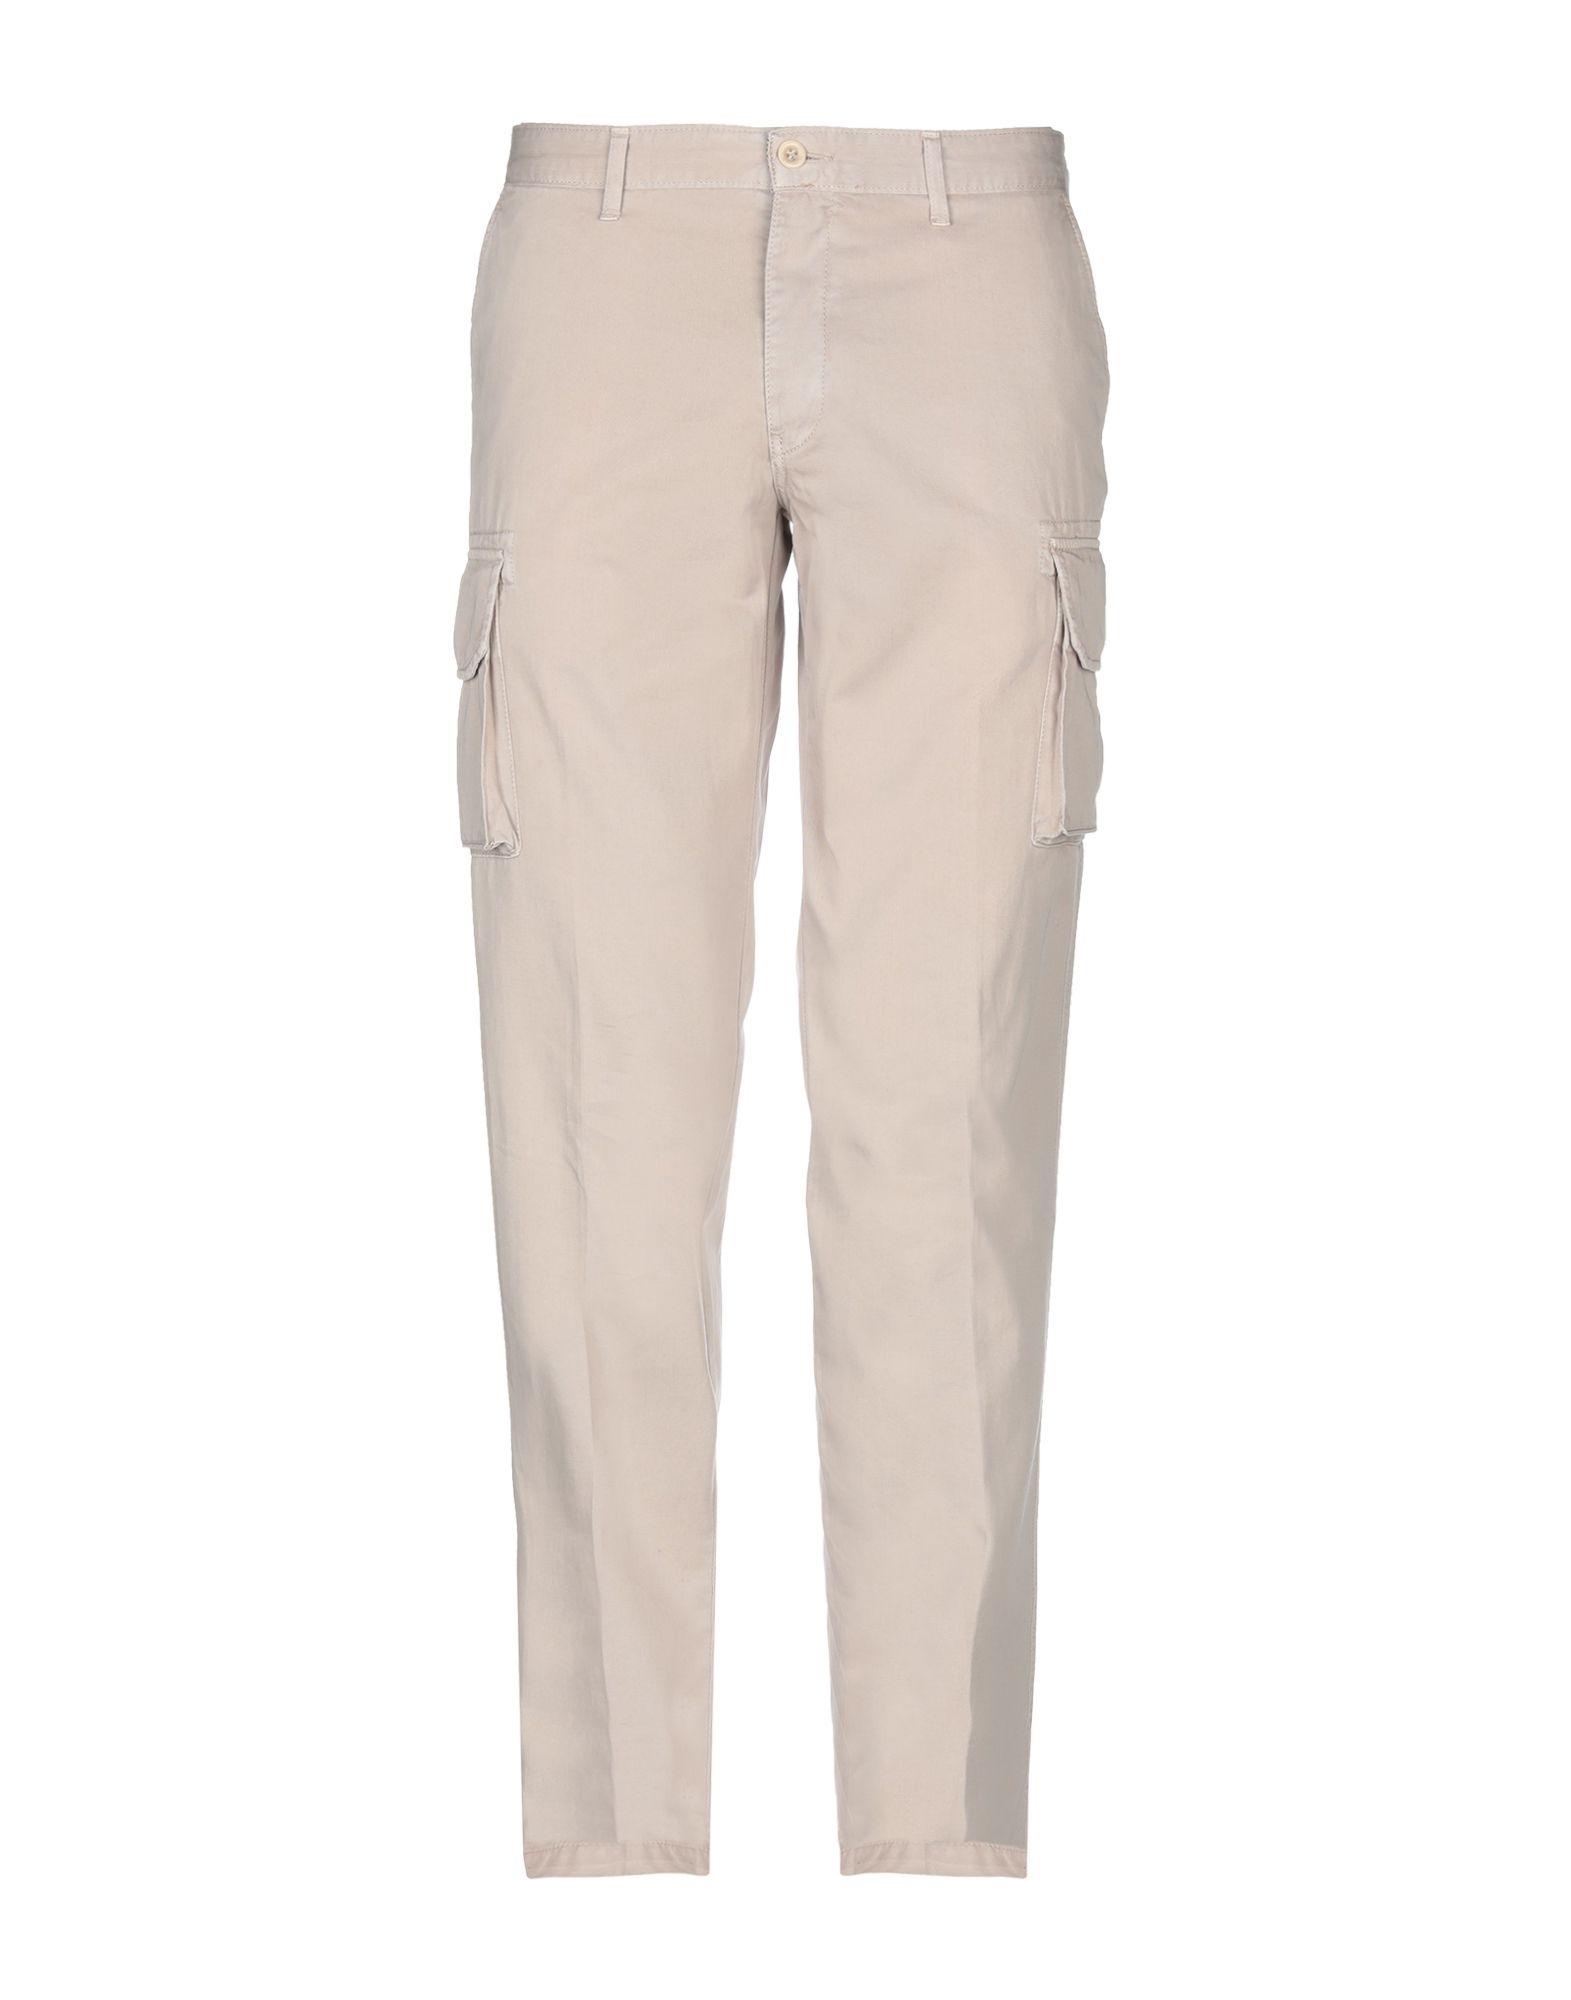 《送料無料》MAXI HO メンズ パンツ ライトグレー 52 コットン 100%